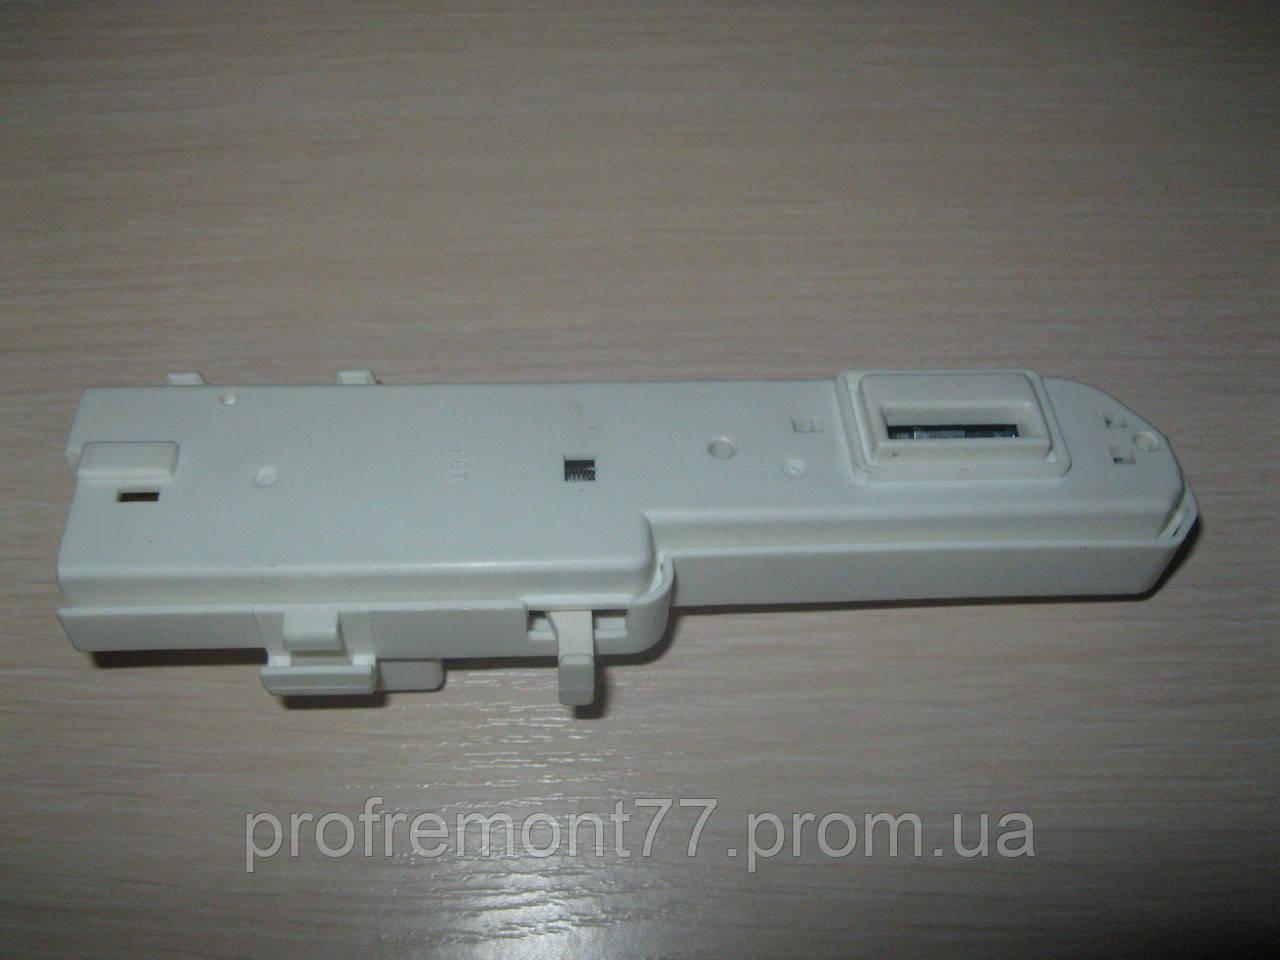 Замок Samsung DC64-00120E для стиральной машины